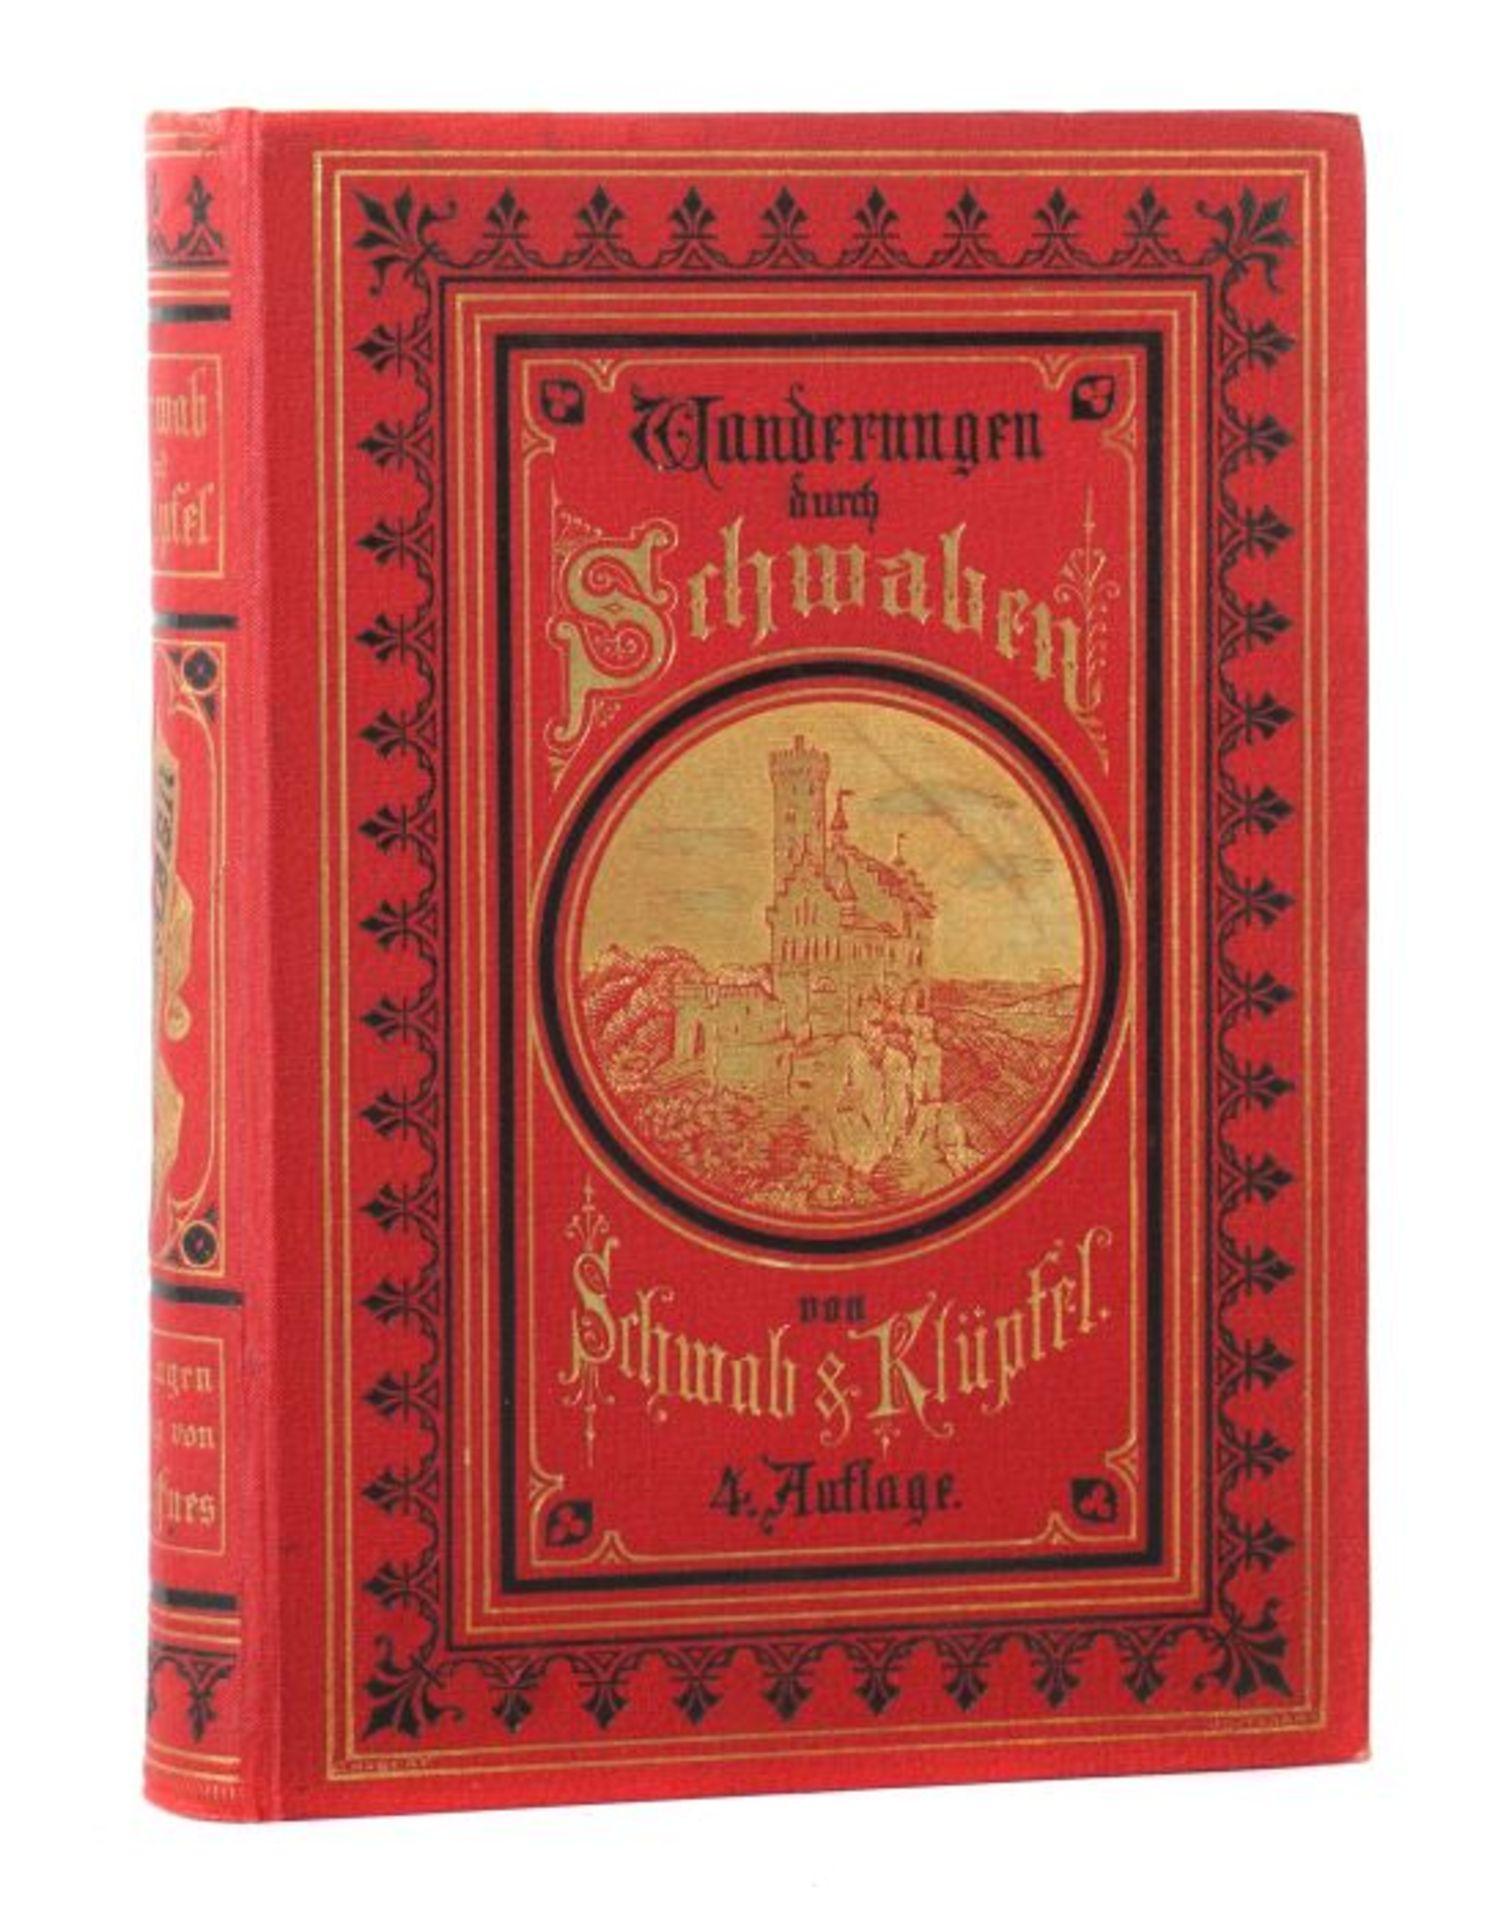 Schwab, Gustav Wanderungen durch Schwaben, vierte vollständig umgearbeitete Auflage von Dr. Karl